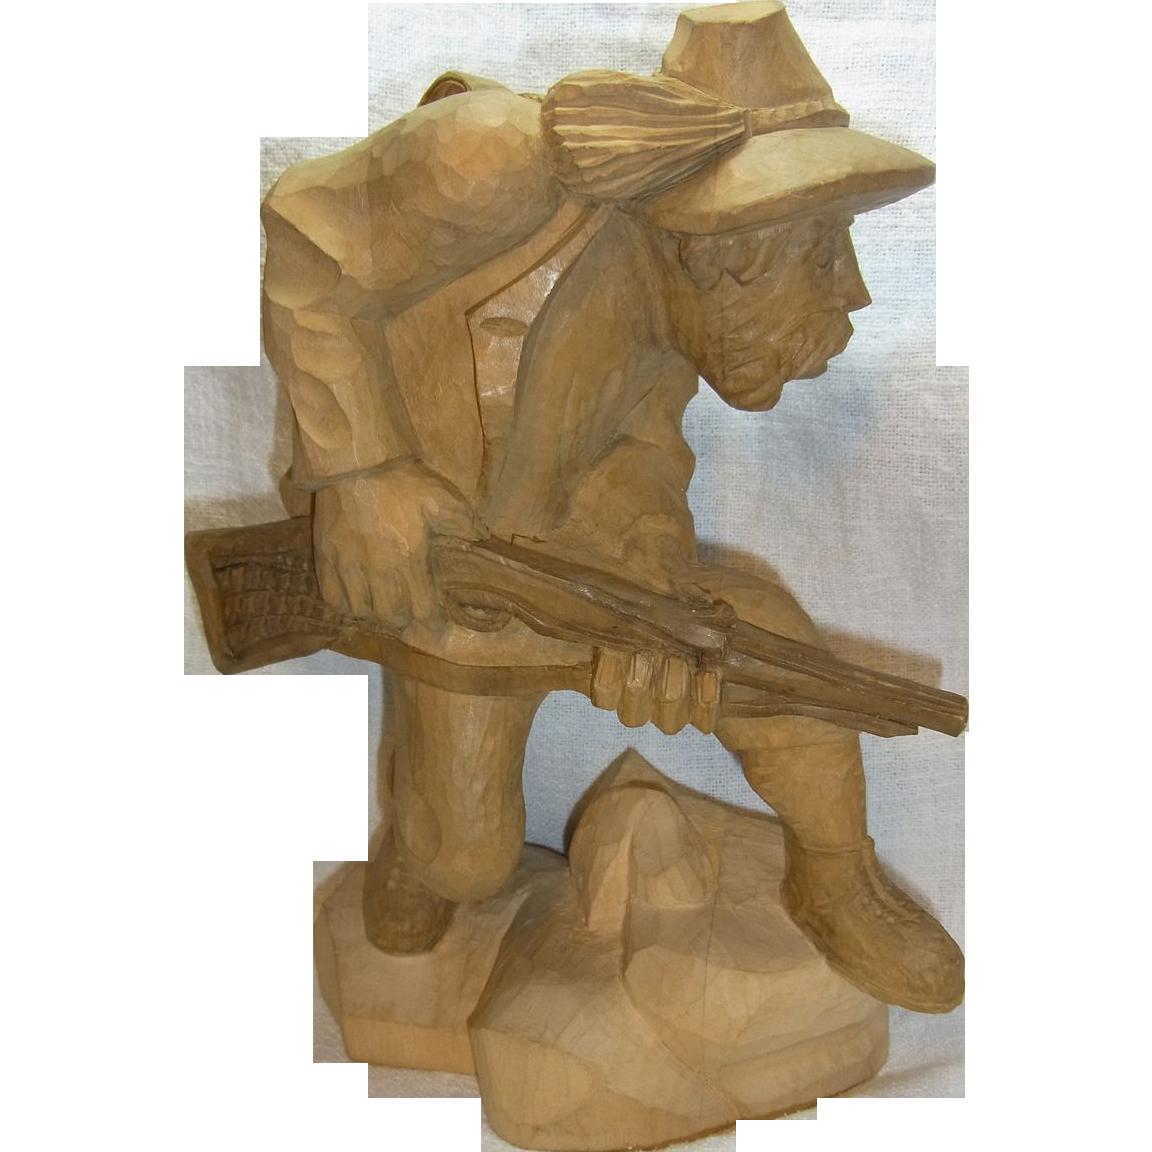 Vintage german black forest carved wood hunting man